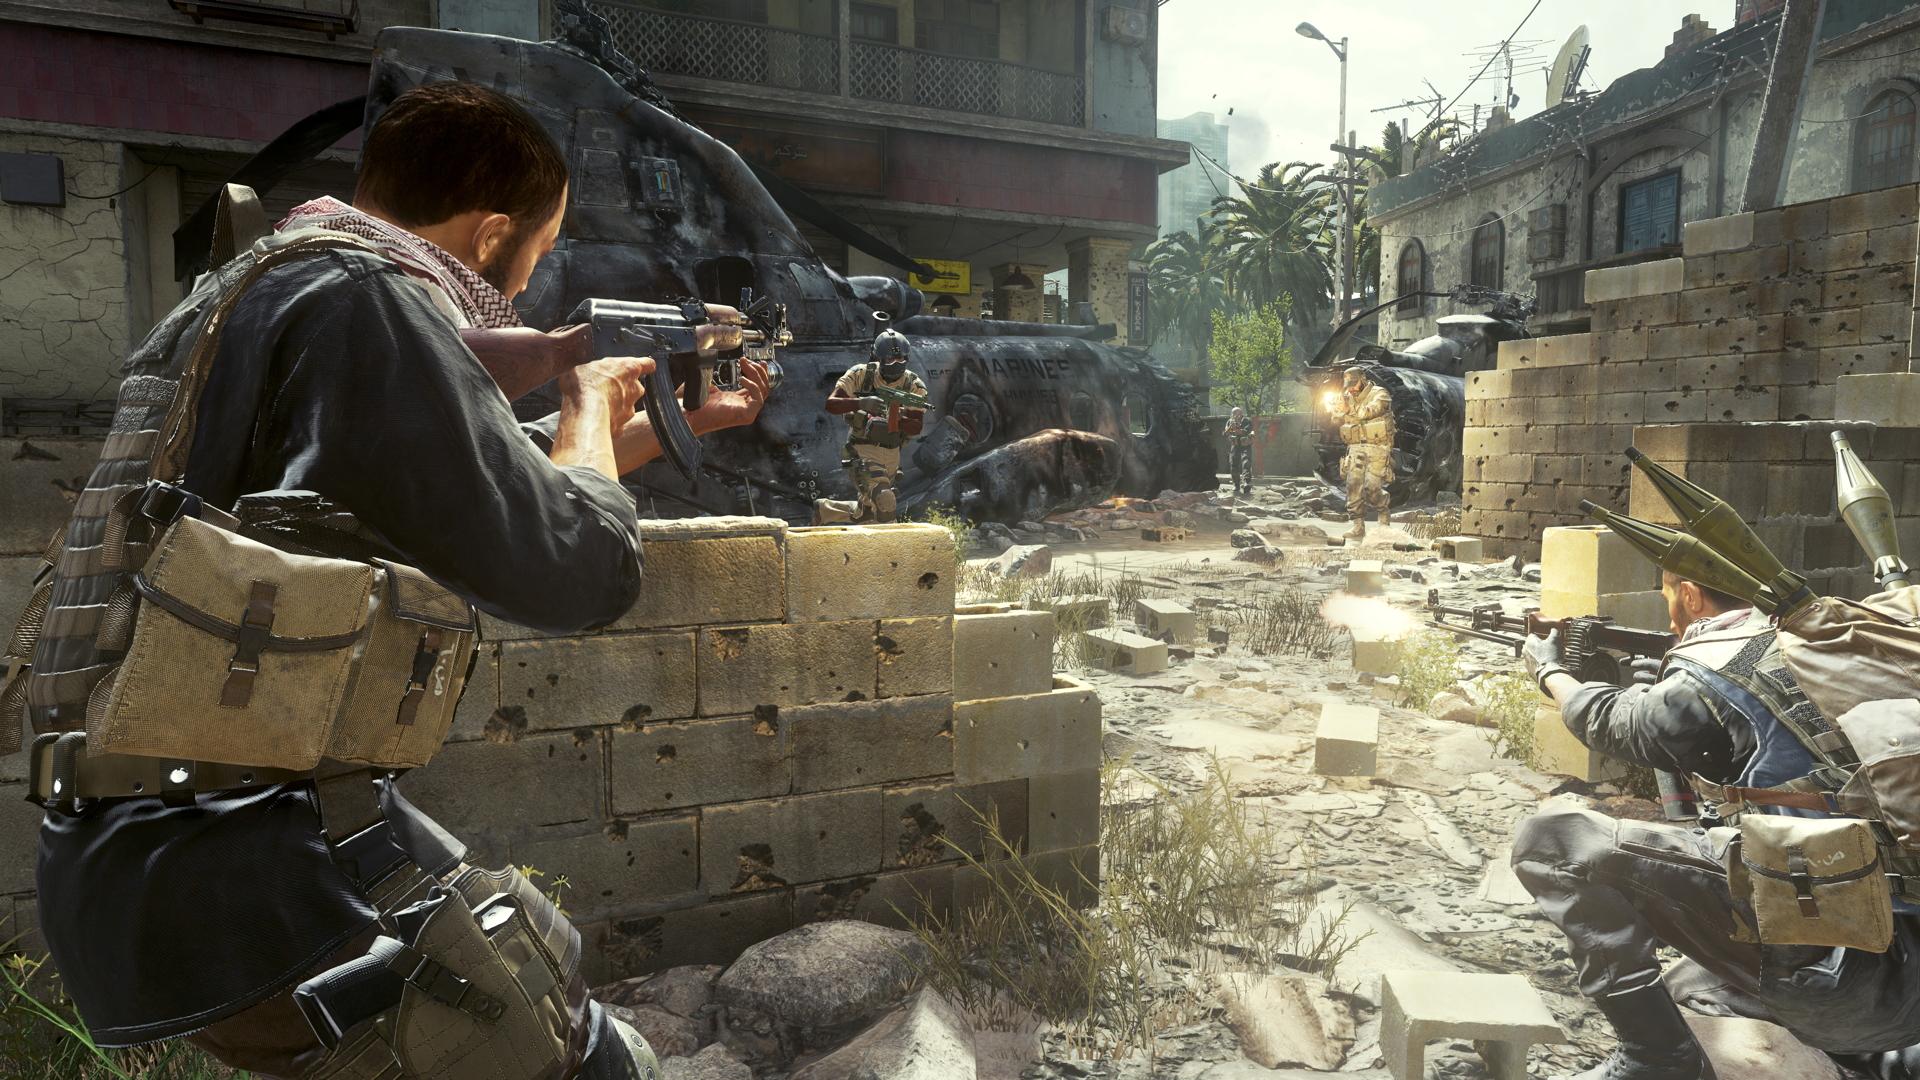 10 best war games you can play right now   GamesRadar+